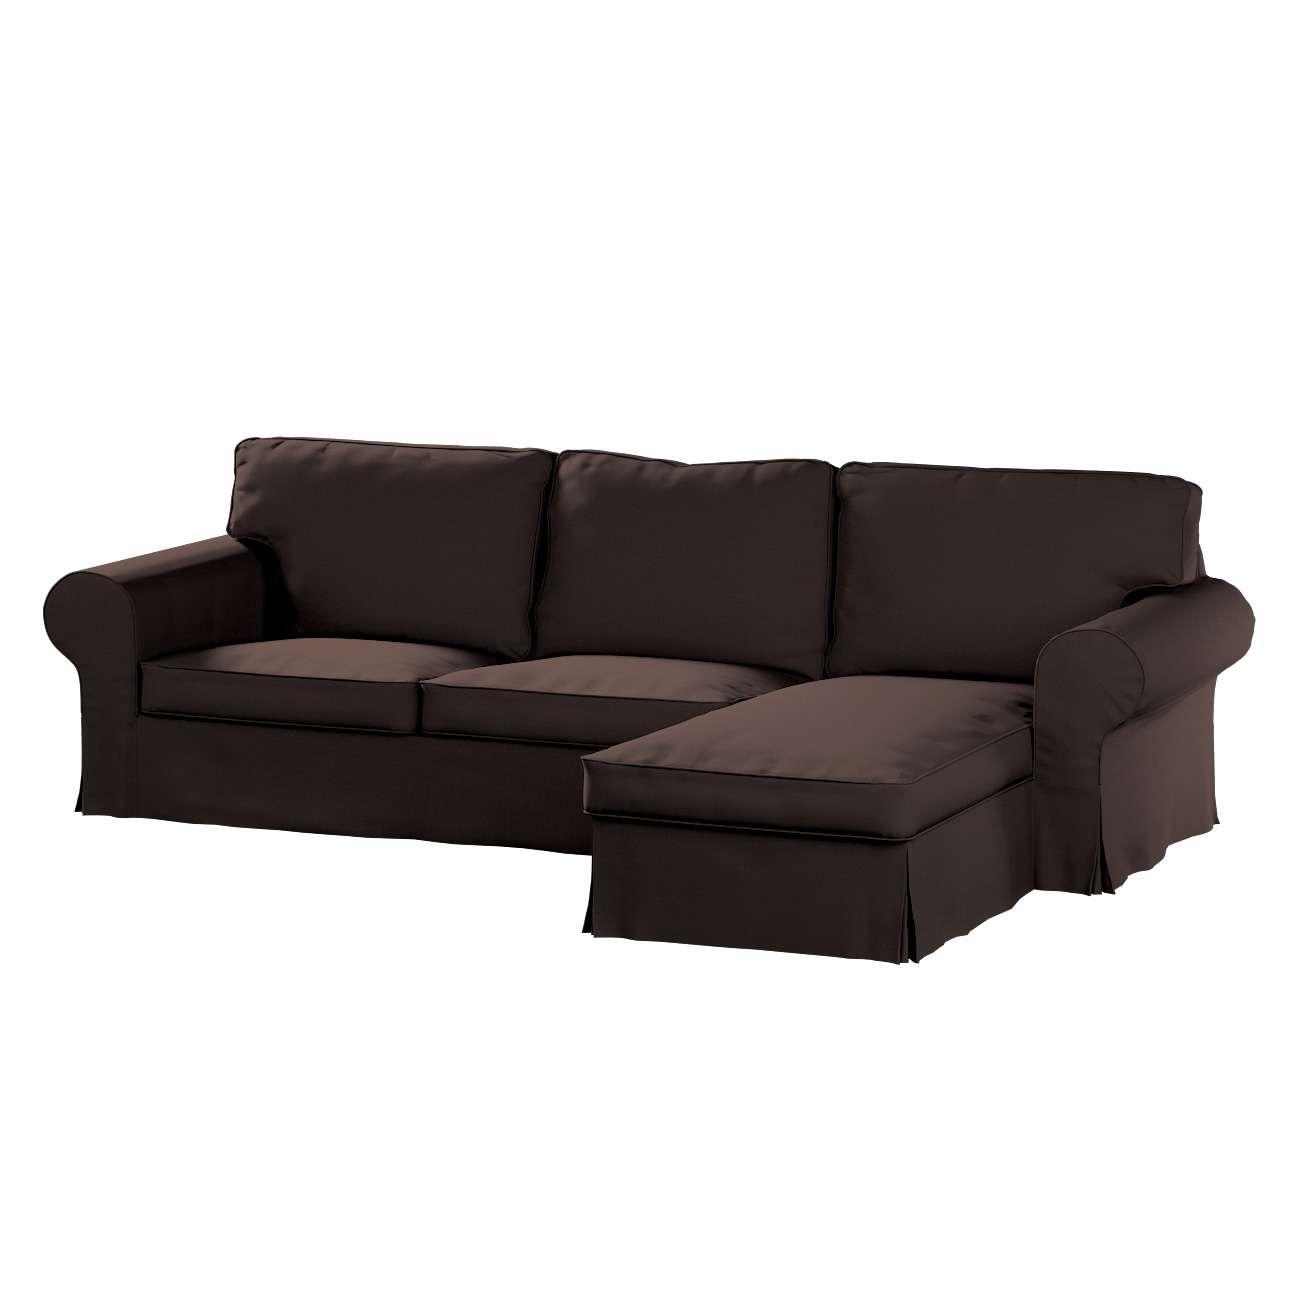 Pokrowiec na sofę Ektorp 2-osobową i leżankę sofa ektorp 2-os. i leżanka w kolekcji Cotton Panama, tkanina: 702-03